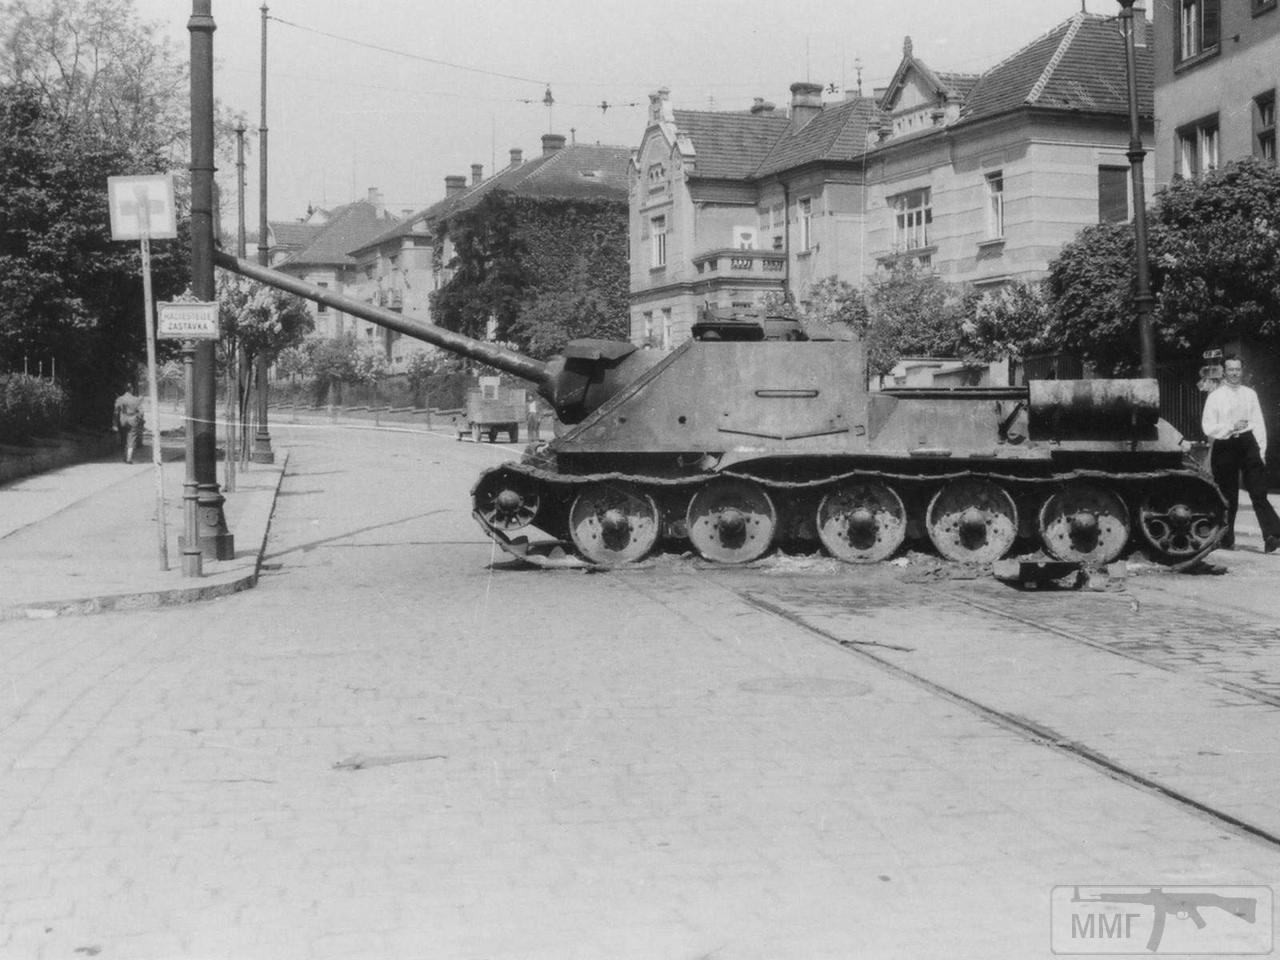 74886 - Военное фото 1941-1945 г.г. Восточный фронт.